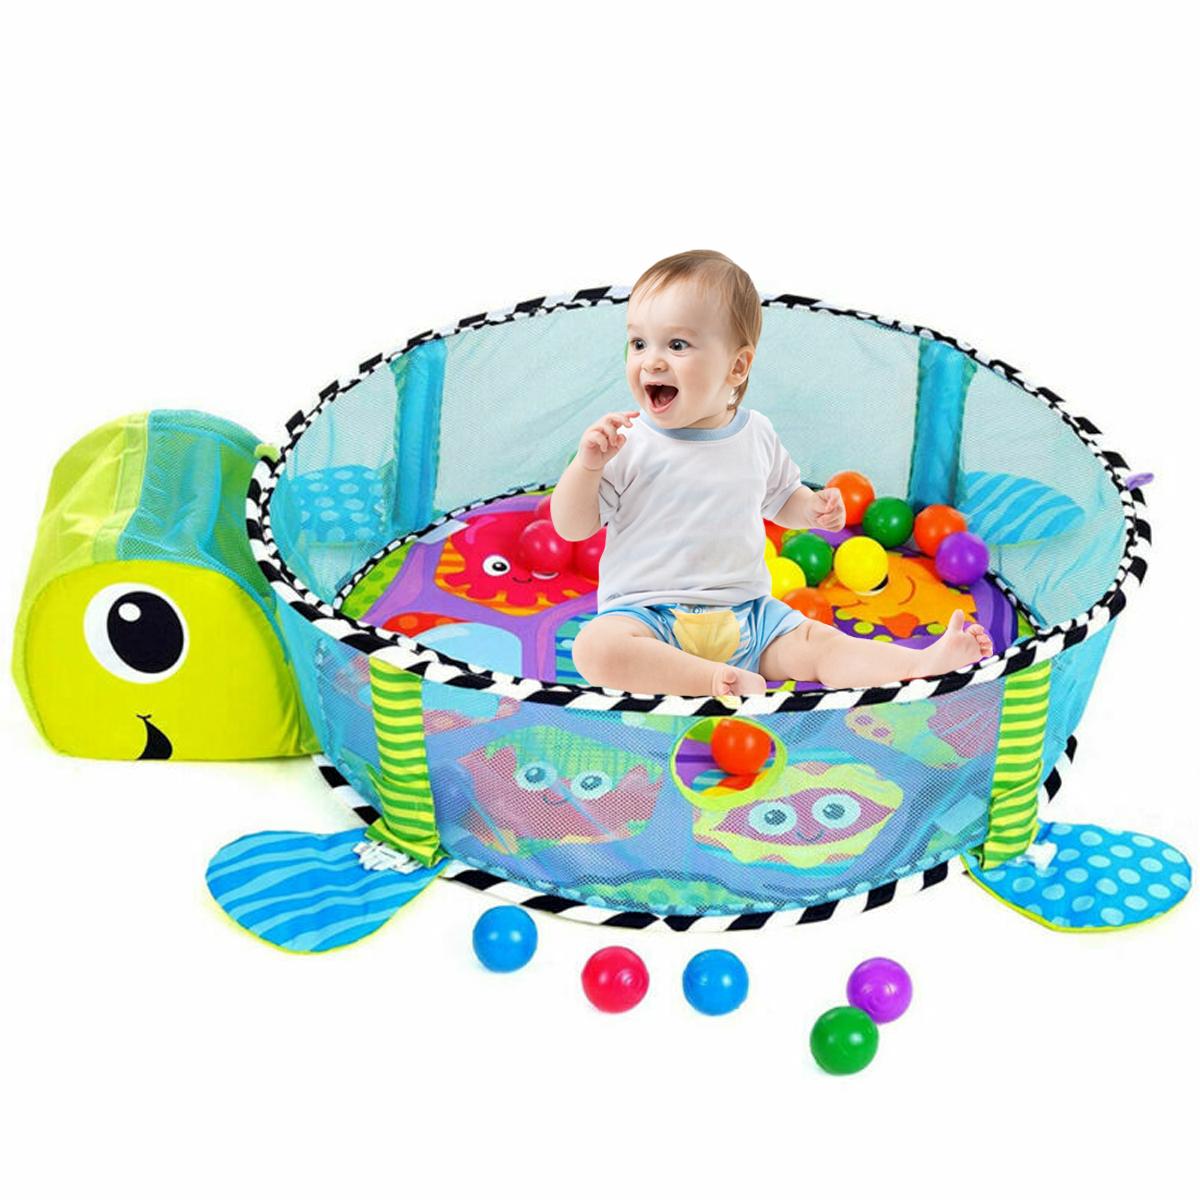 Krabbeldecke Bällebad Spielbogen Erlebnisdecke Spielteppich Babydecke 30 Bällen